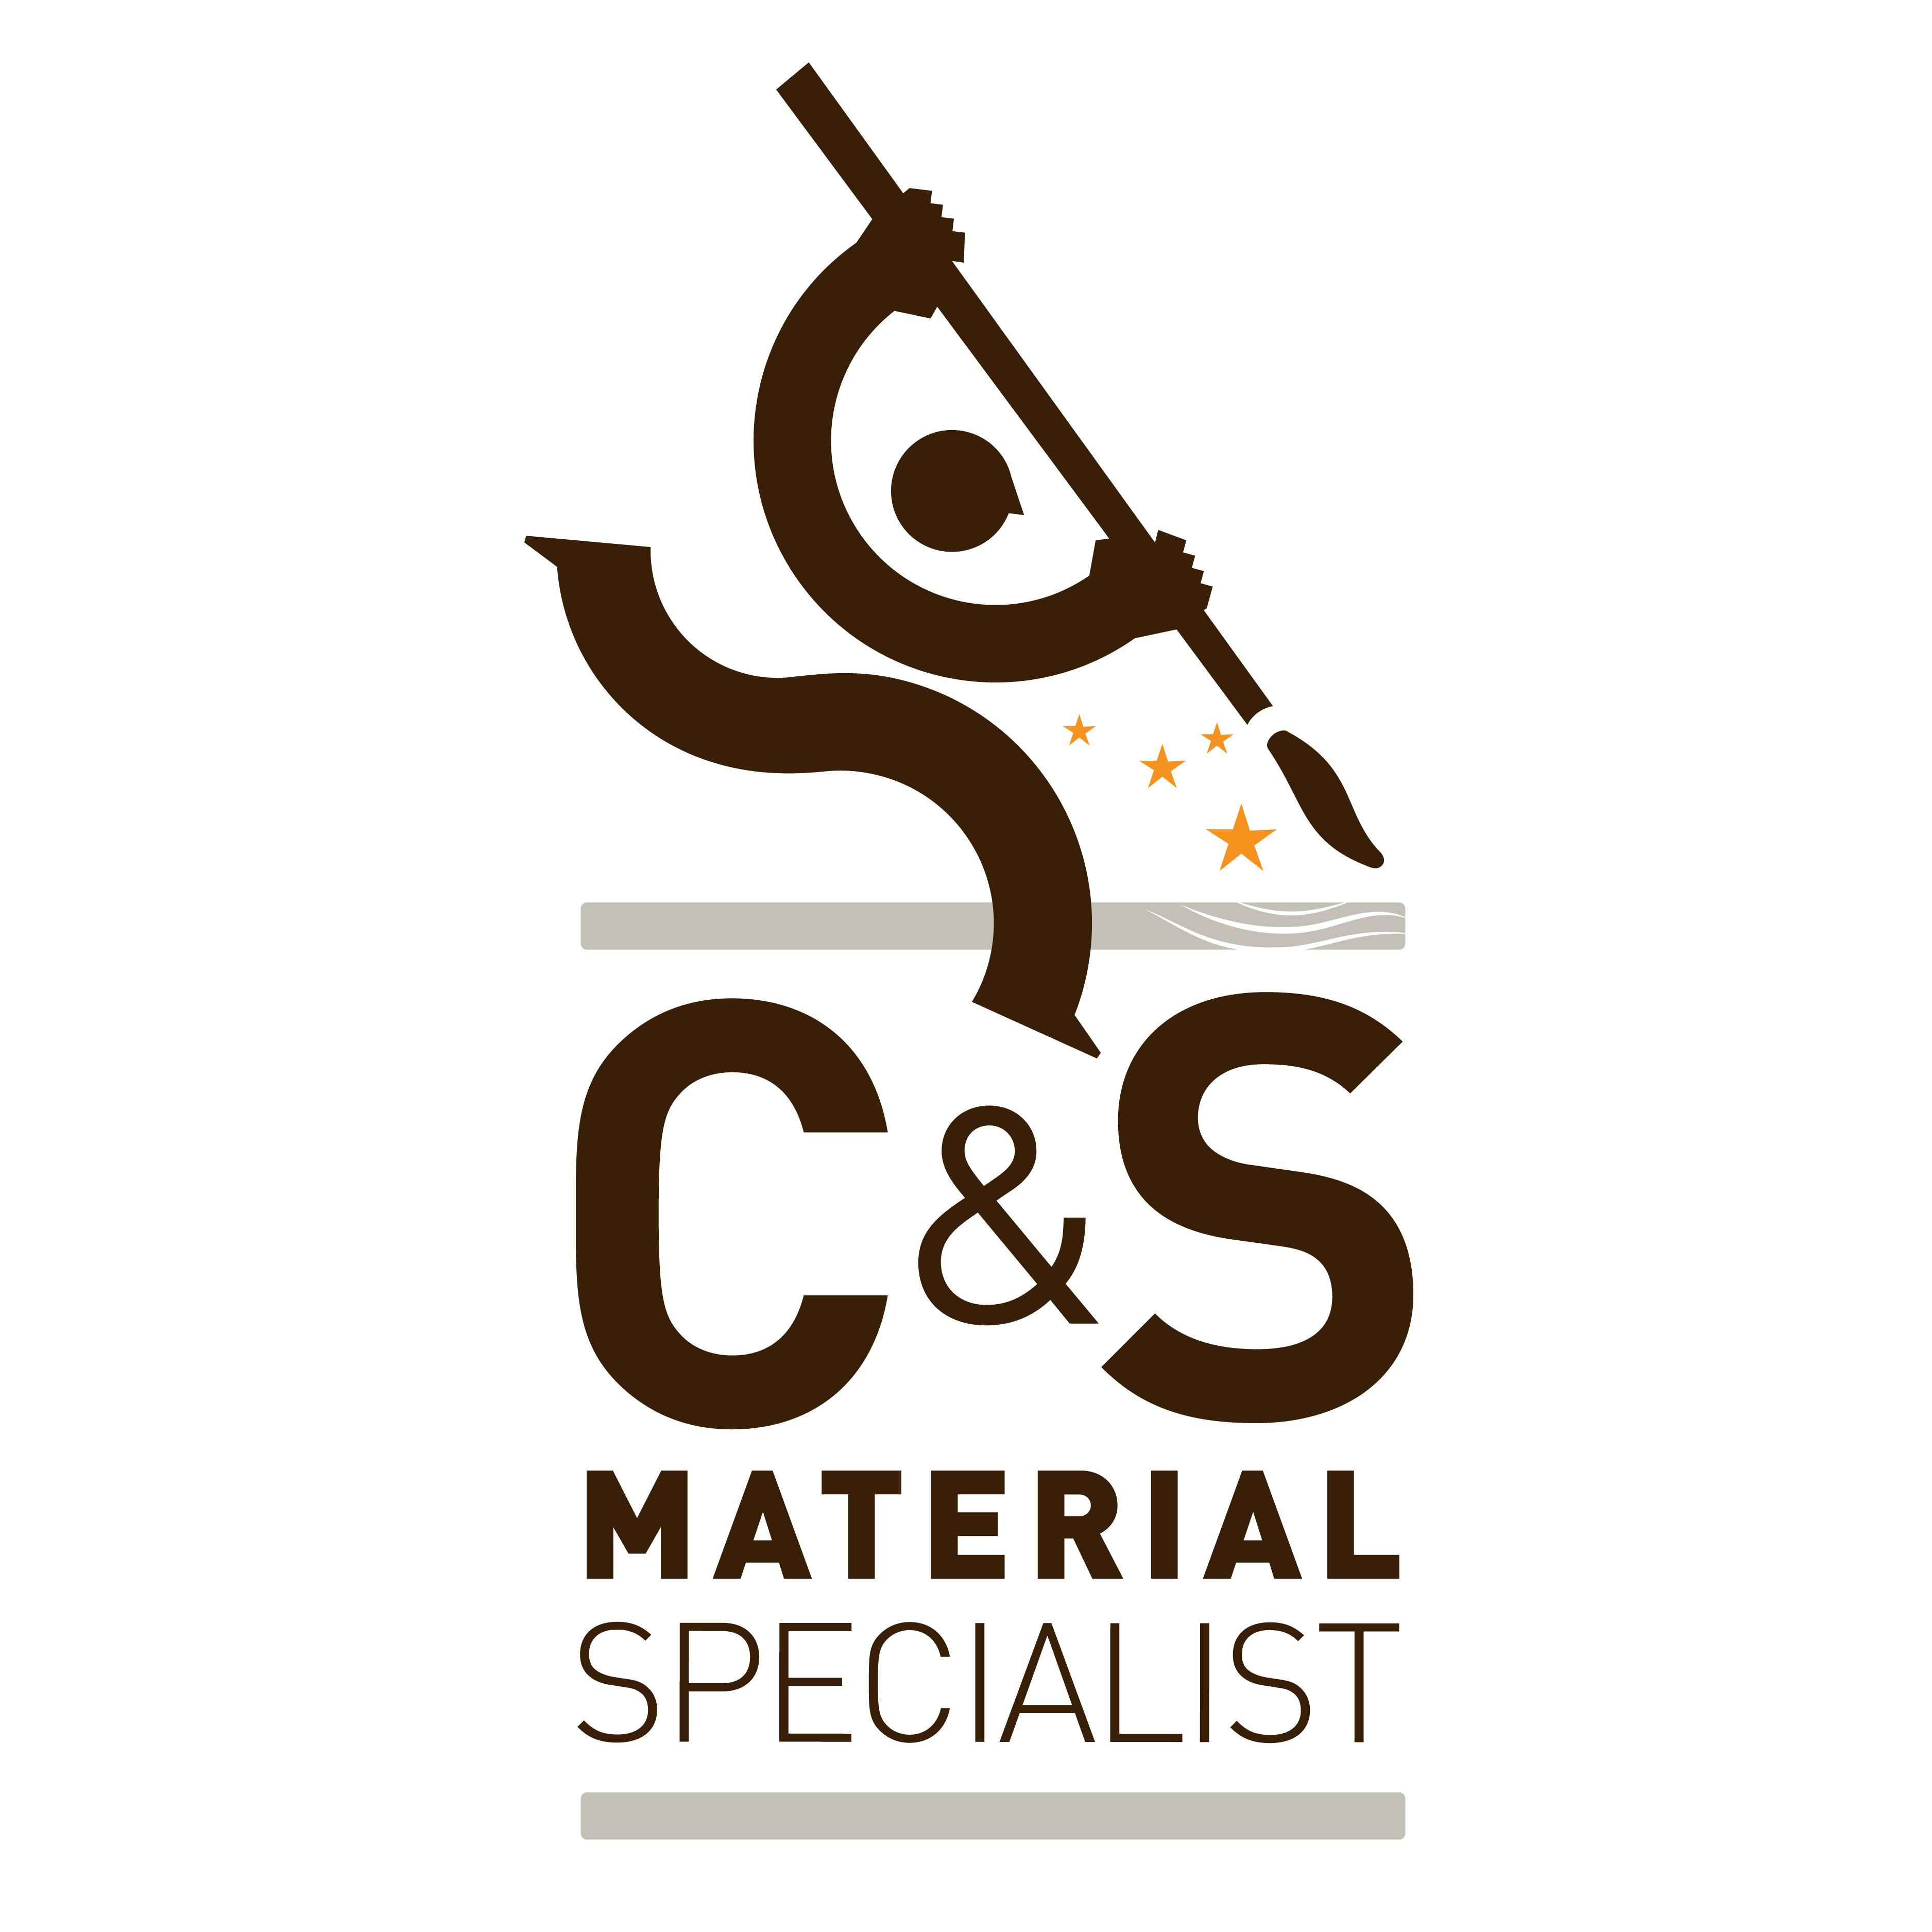 C&S Material Specialist